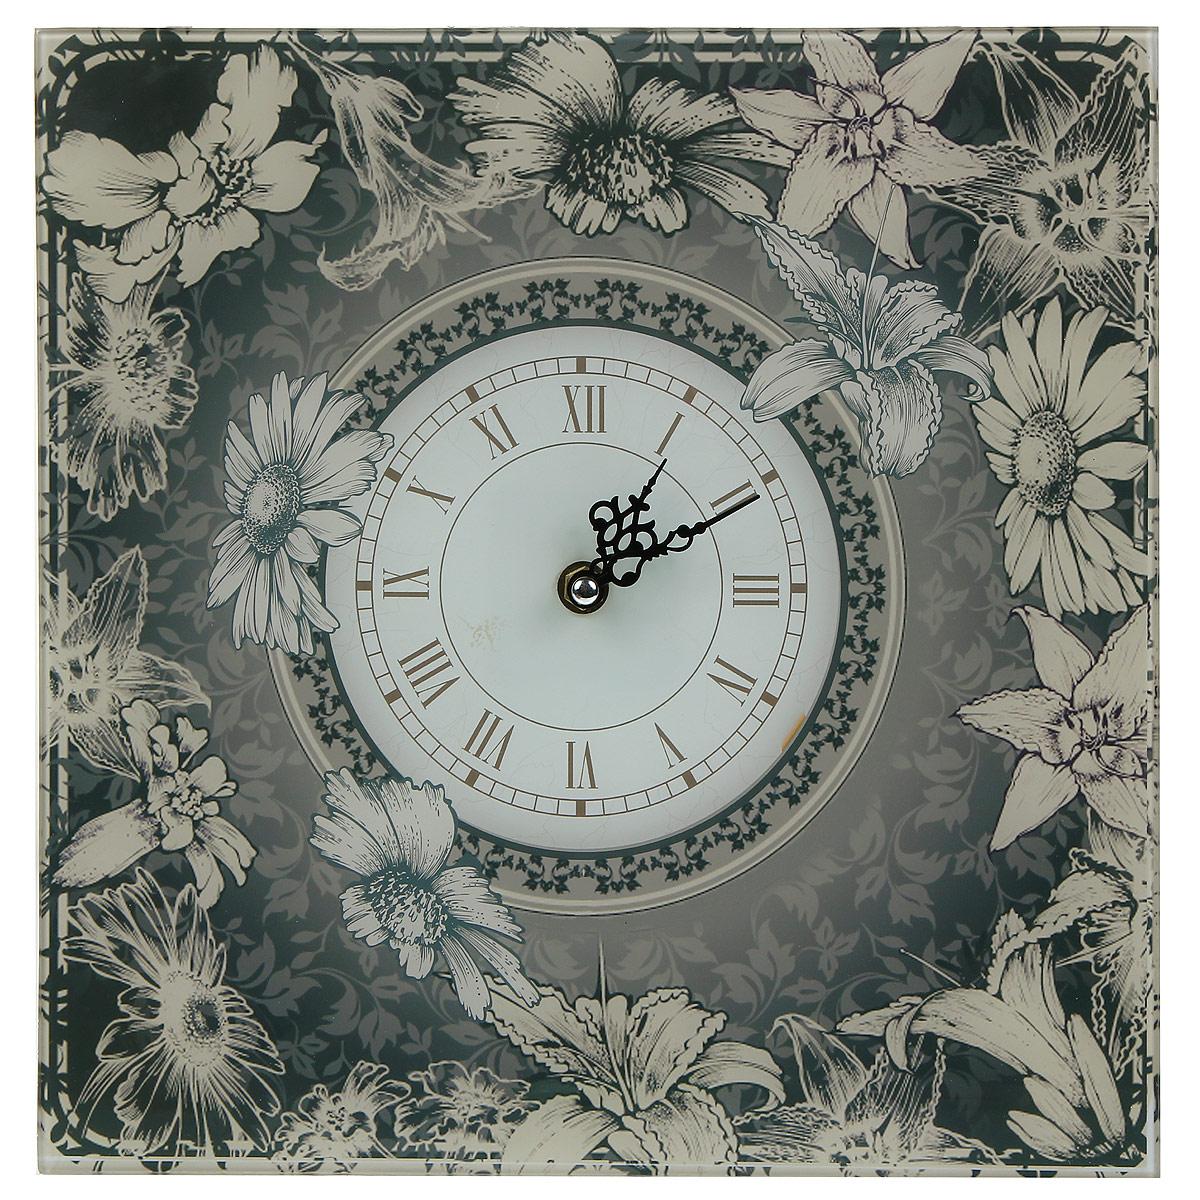 Часы настенные Цветочки. 2779827798Настенные часы квадратной формы Цветочки своим эксклюзивным дизайном подчеркнут оригинальность интерьера вашего дома. Часы выполнены из выполнены из высококачественного стекла и оформлены оригинальным рисунком. Часы имеют две фигурные стрелки - часовую и минутную. Циферблат часов не защищен стеклом. Настенные часы Цветочки подходят для кухни, гостиной, прихожей или дачи, а также могут стать отличным подарком для друзей и близких. Часы работают от одной батарейки типа АА (не входят в комплект).